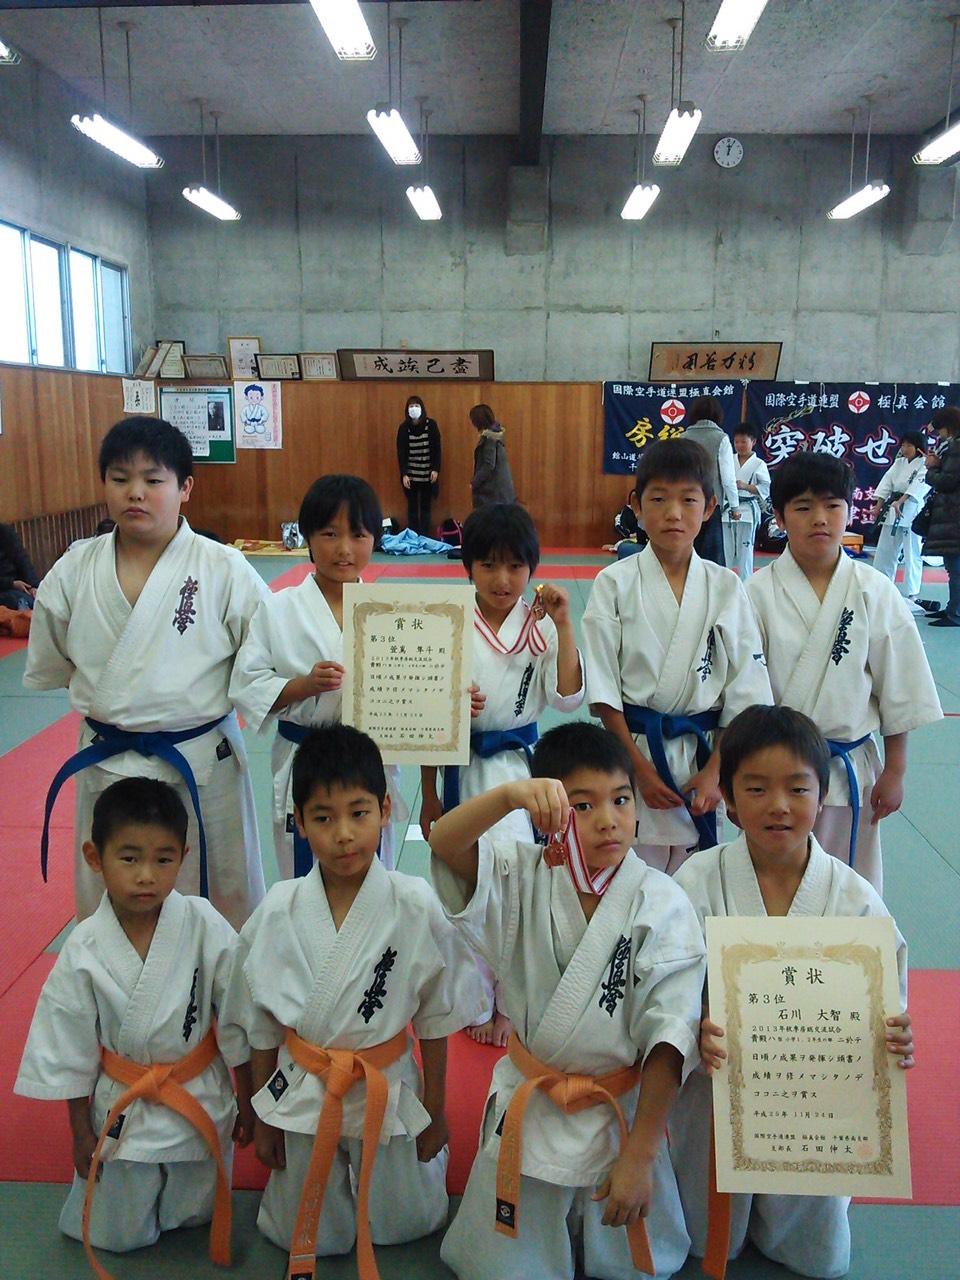 http://www.kyokushin-chibaminami.com/images/1457869920418.jpg